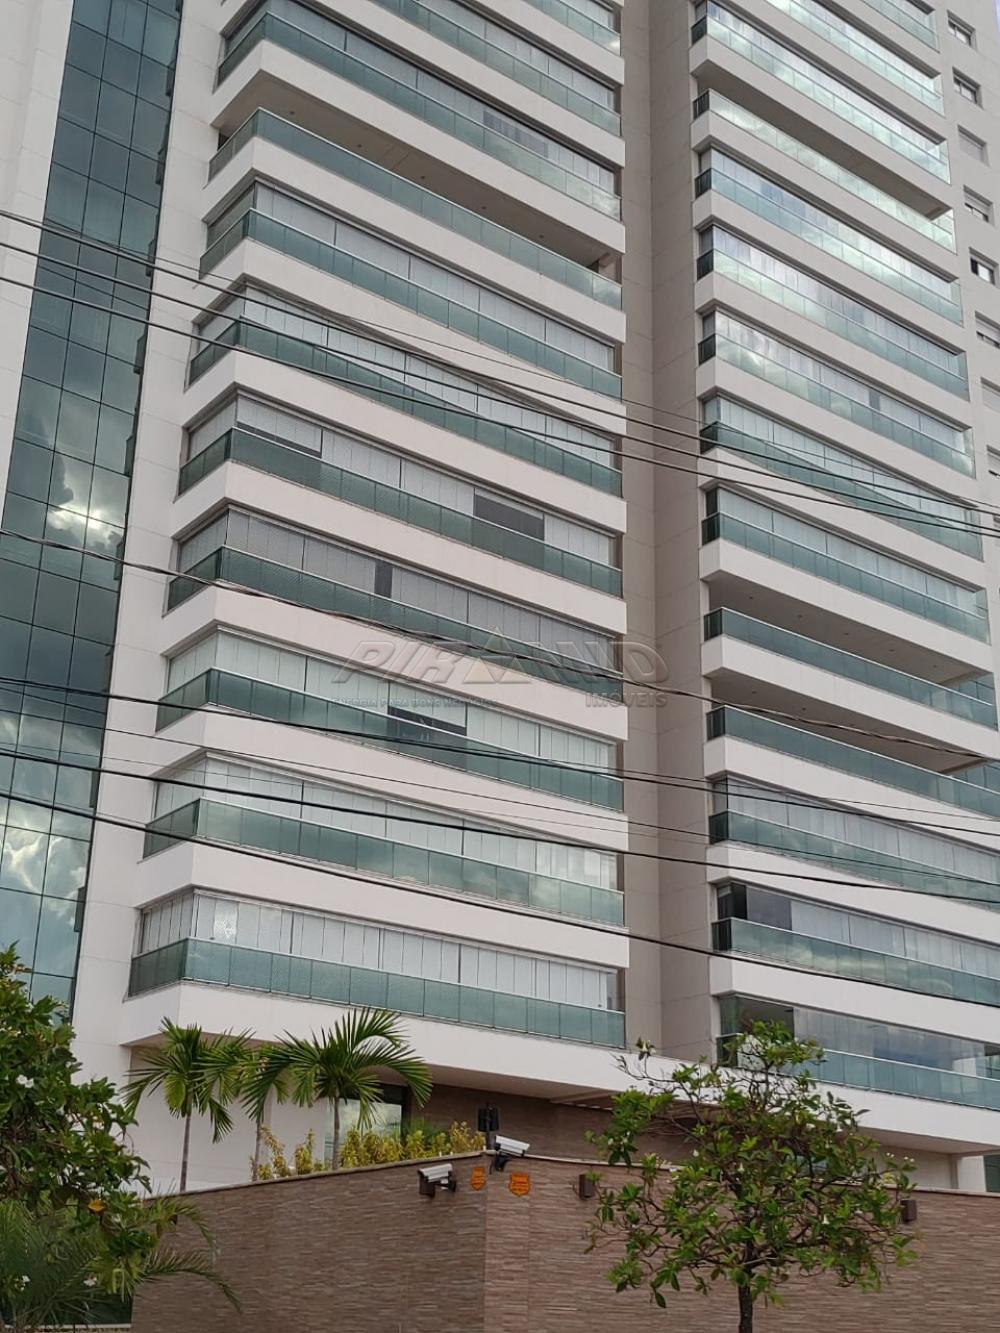 Comprar Apartamento / Padrão em Ribeirão Preto R$ 2.650.000,00 - Foto 5